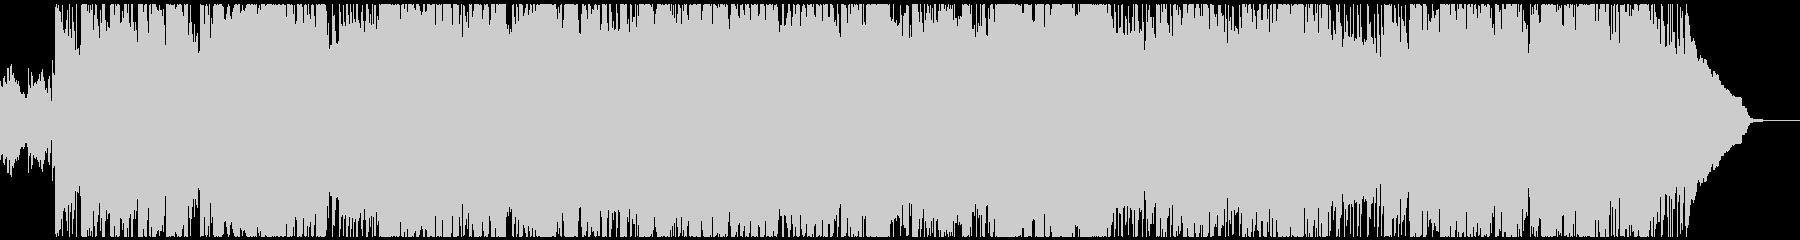 勝利を確信するときに流れるBGMの未再生の波形